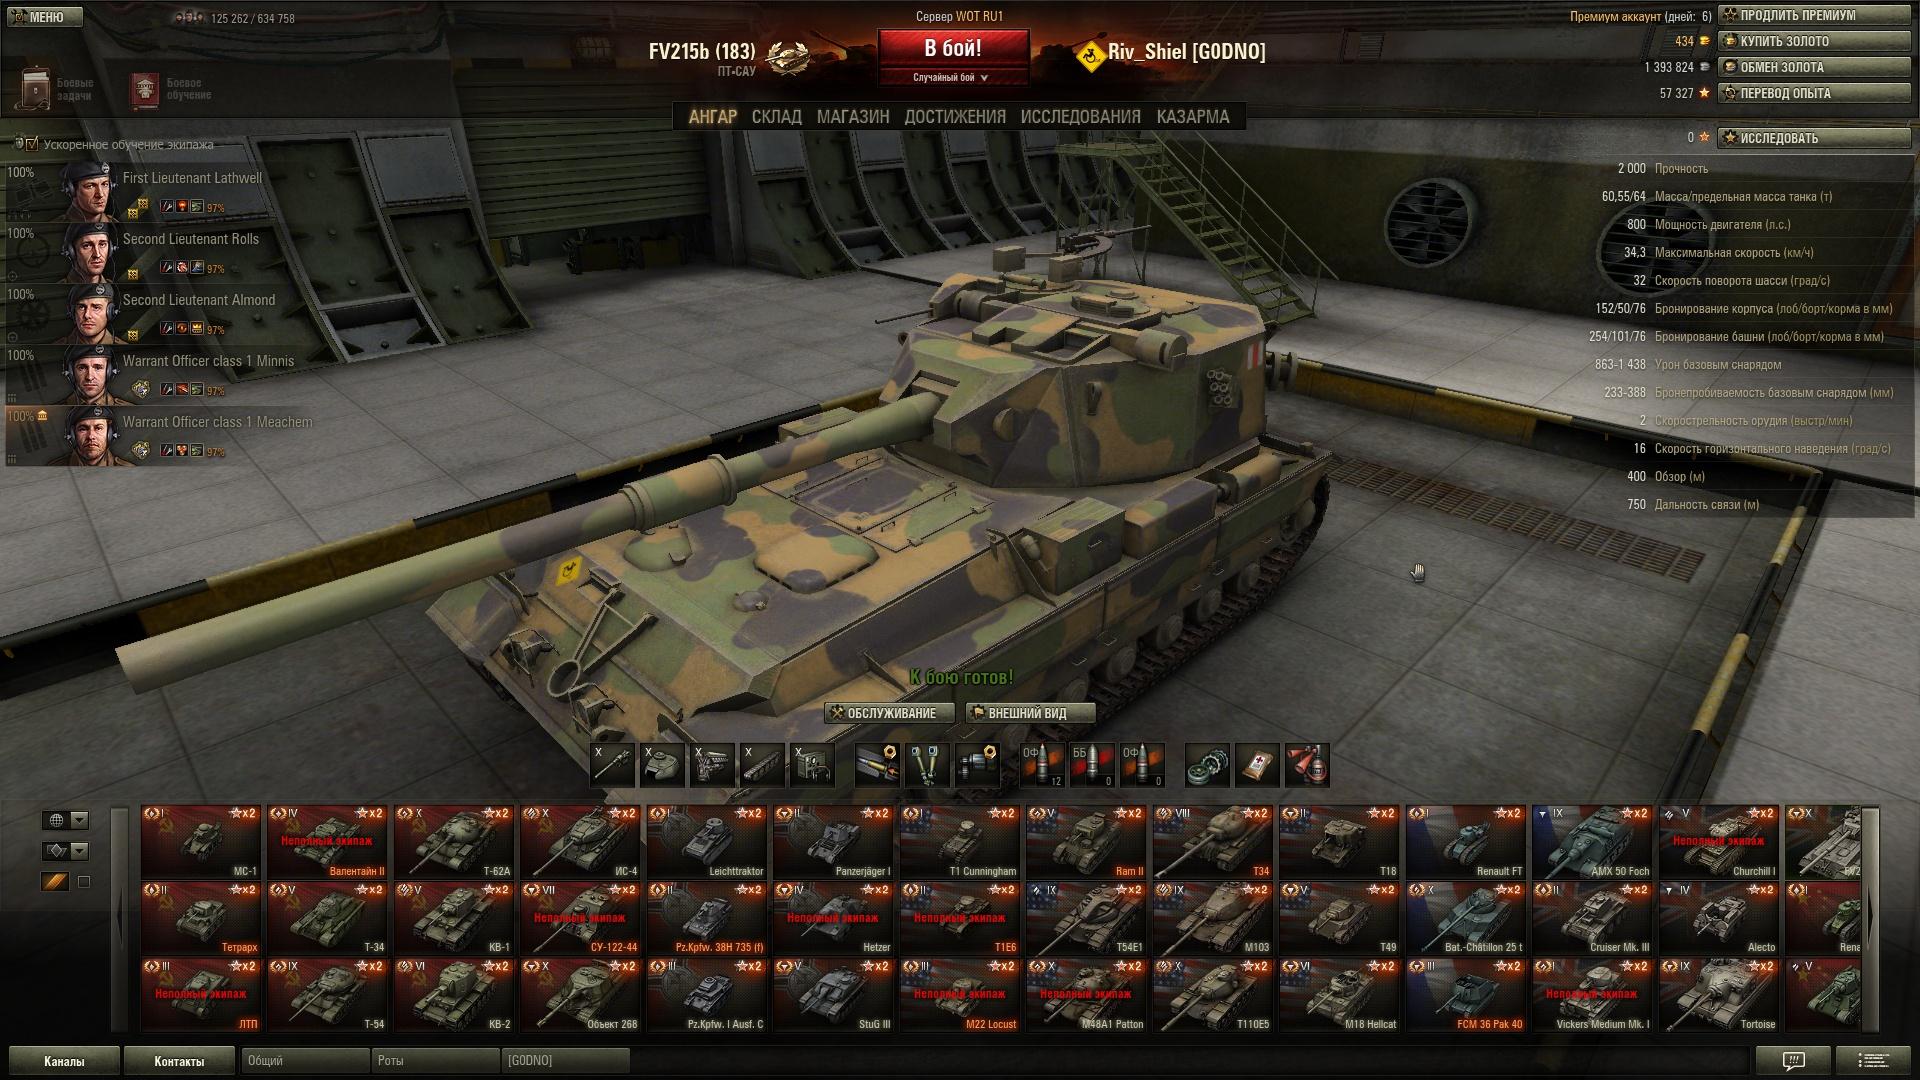 Как сделать чтобы в танках экипаж говорил на своем языке